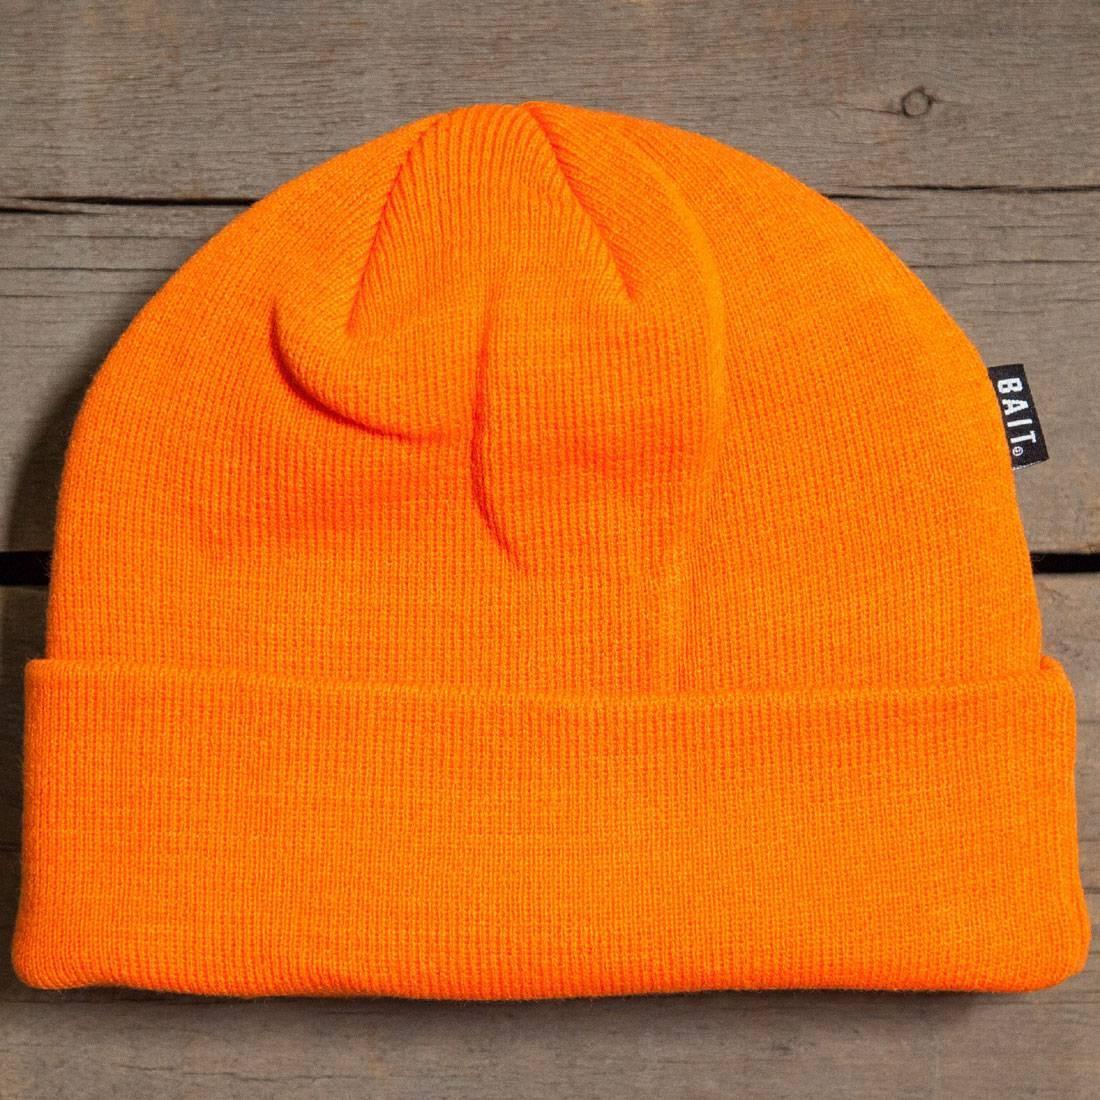 BAIT Folded Beanie (orange / safety orange)